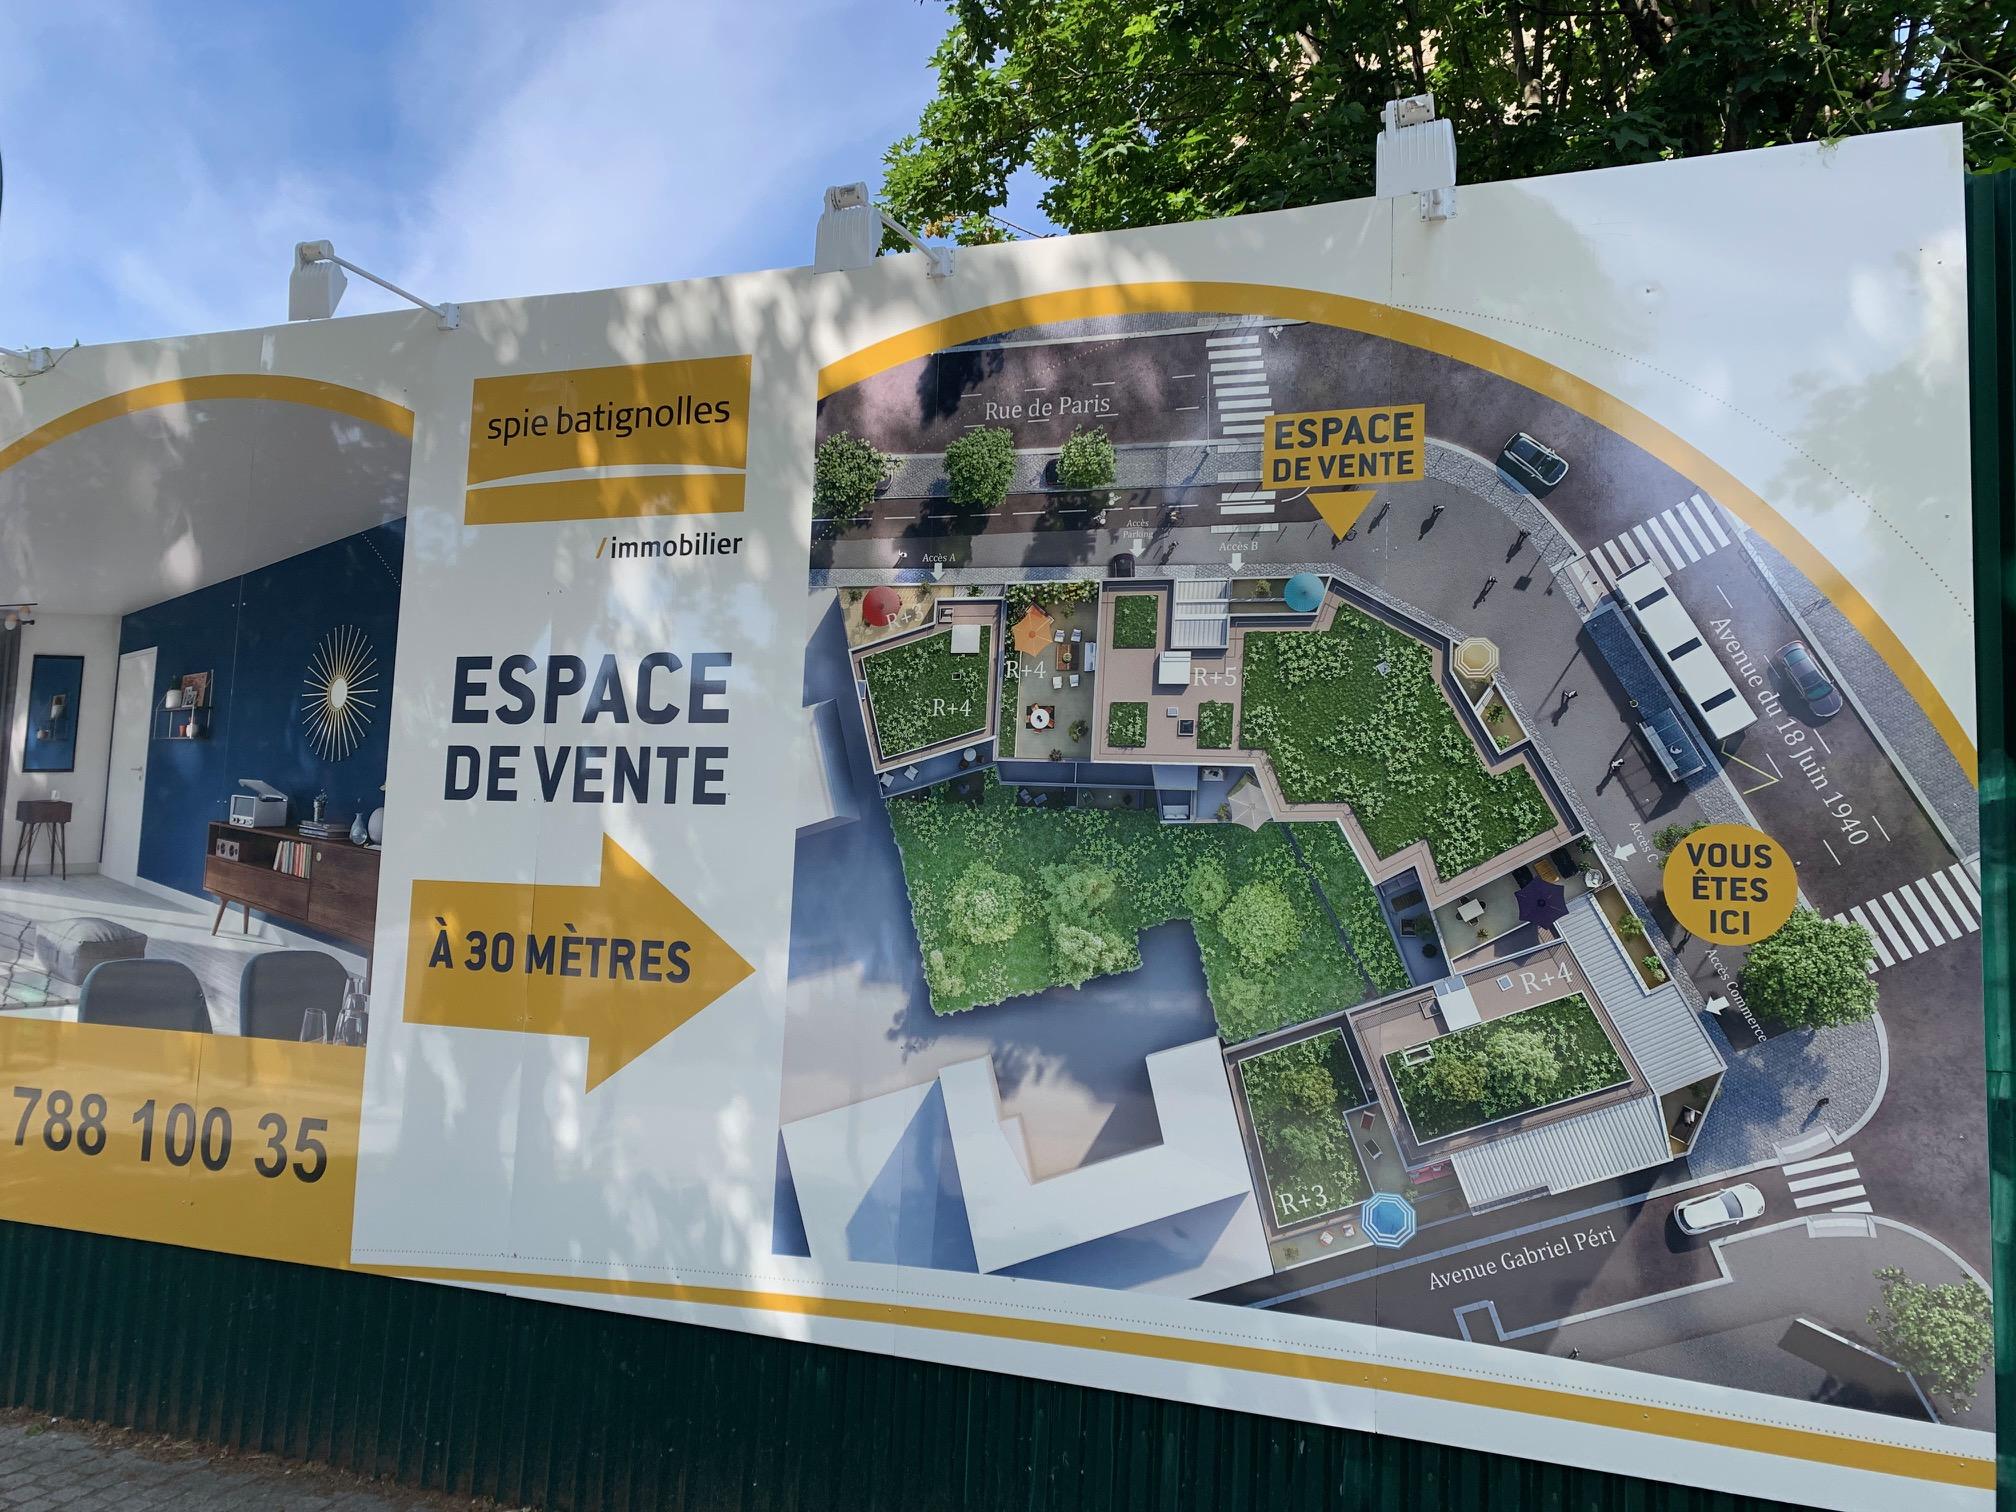 epinay sur seine 93 neuf immo appartements paris prix-02